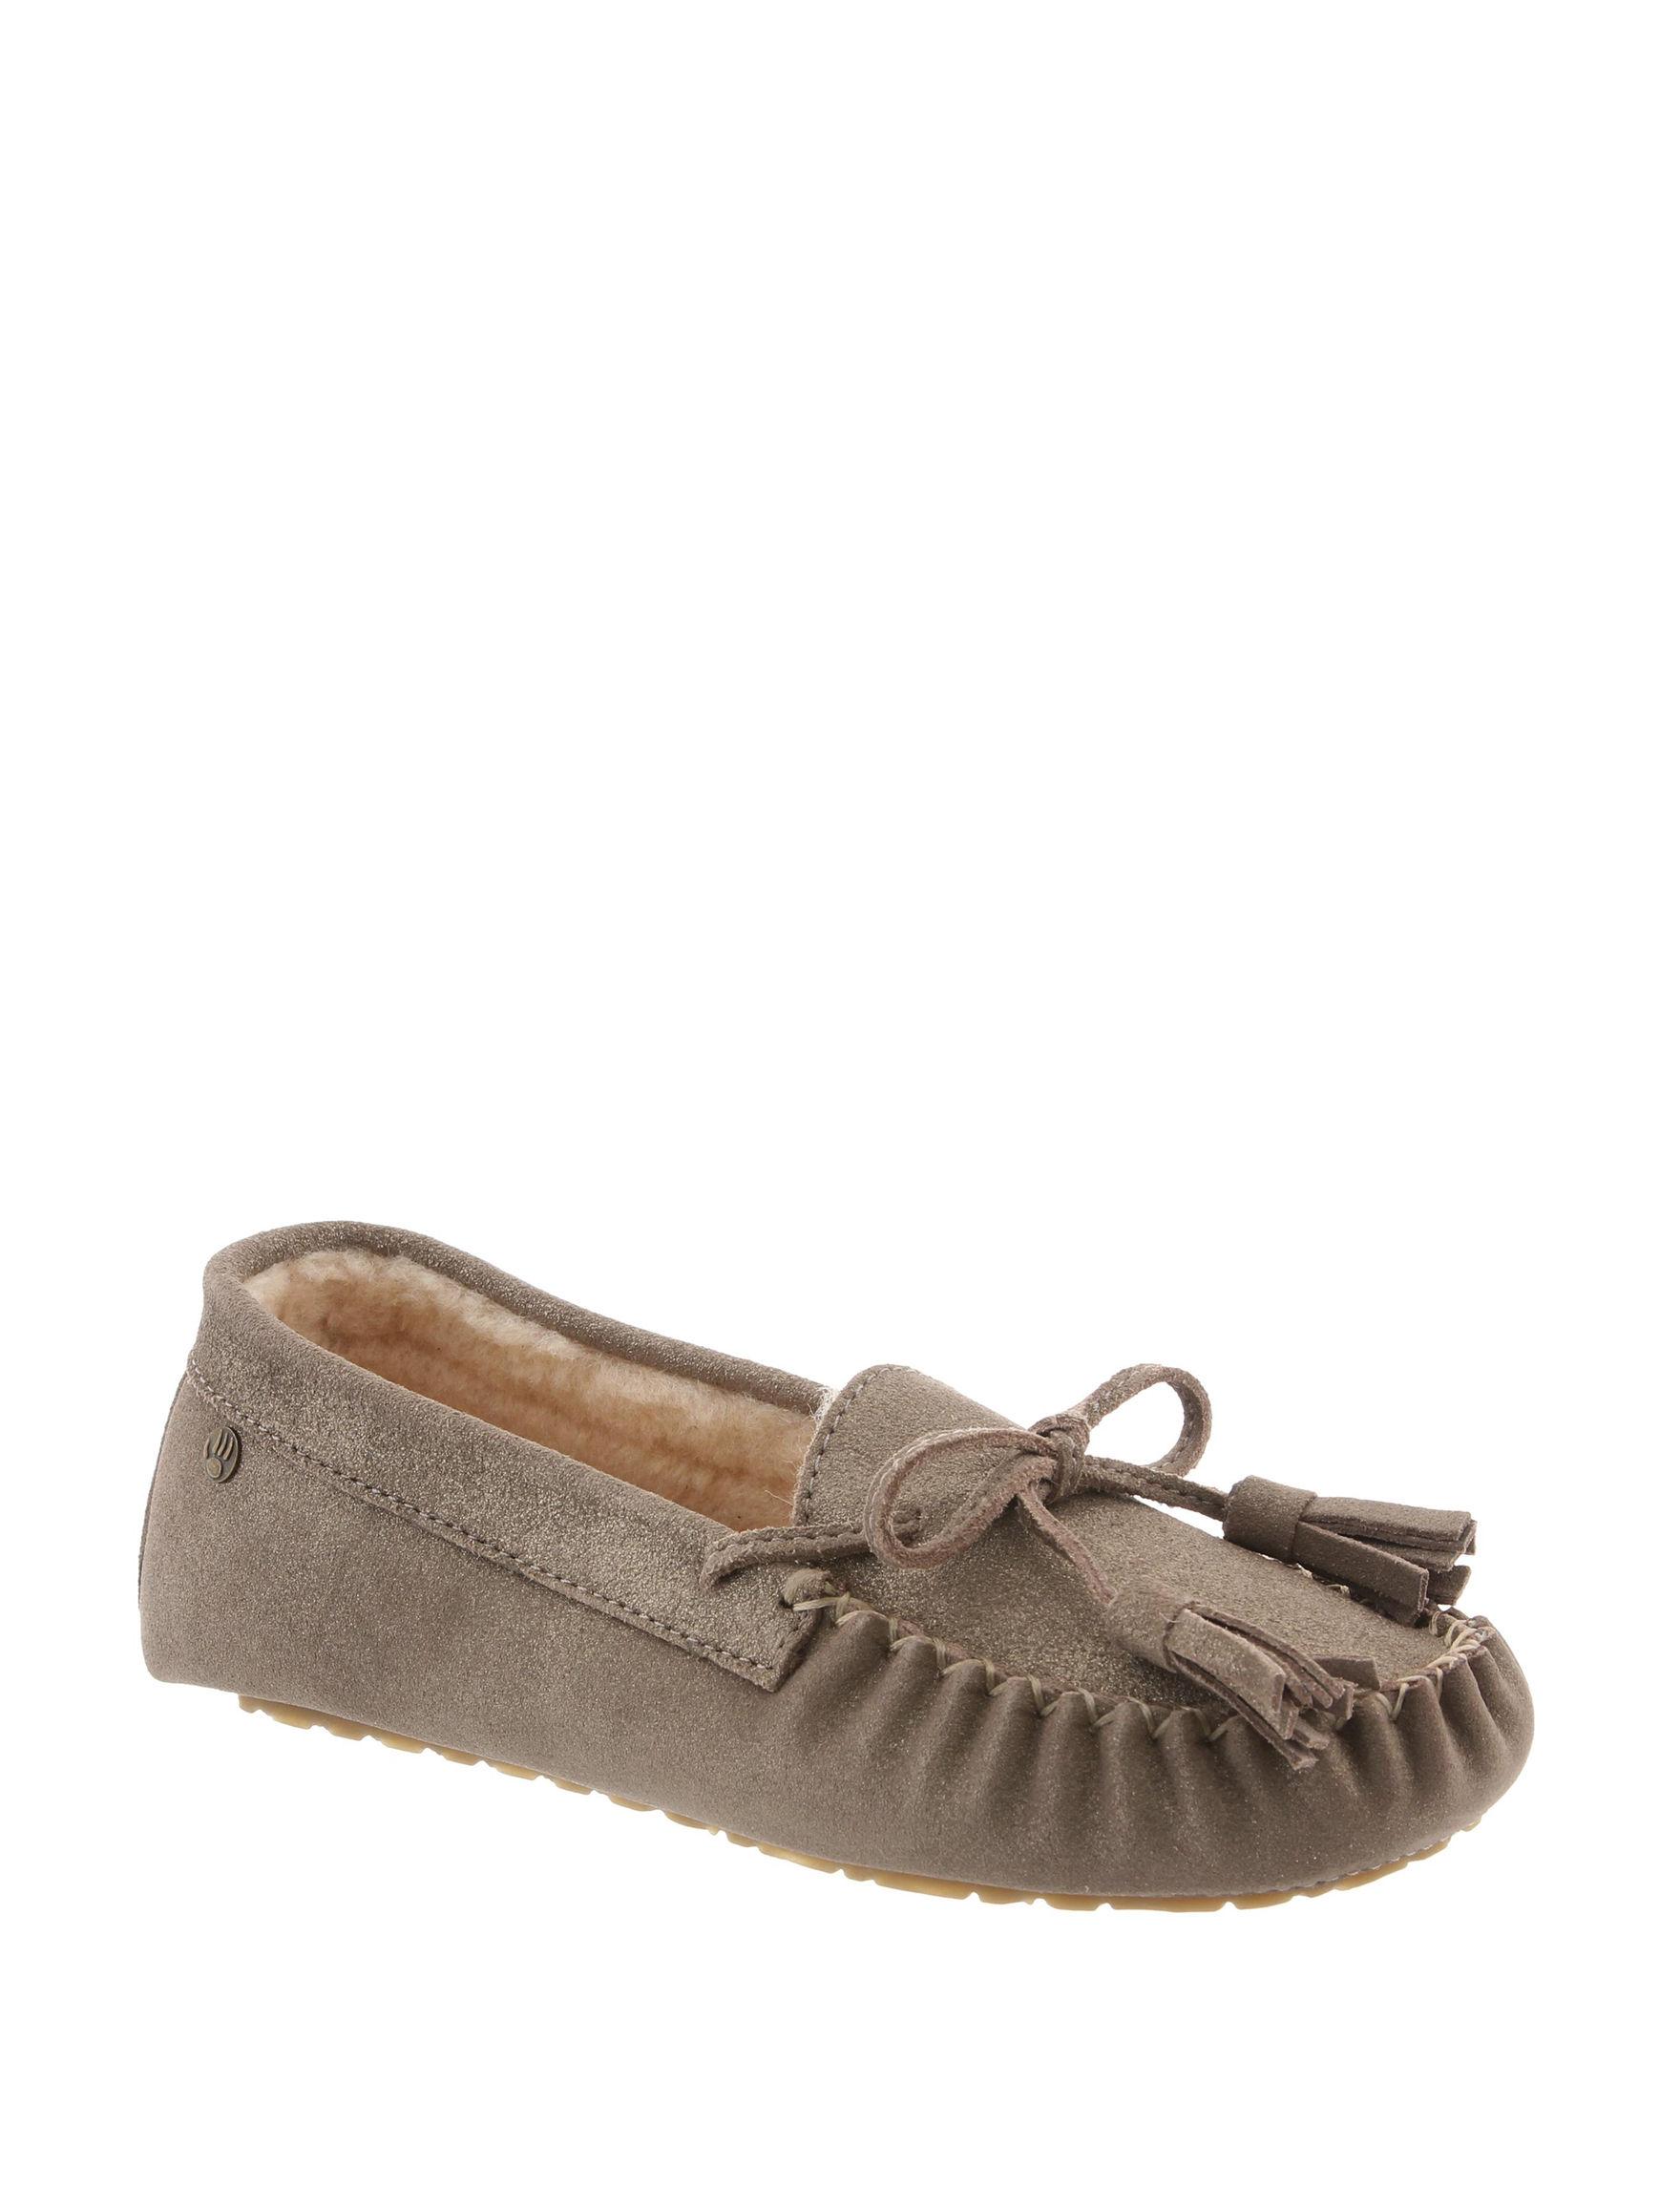 Bearpaw Beige Slipper Shoes